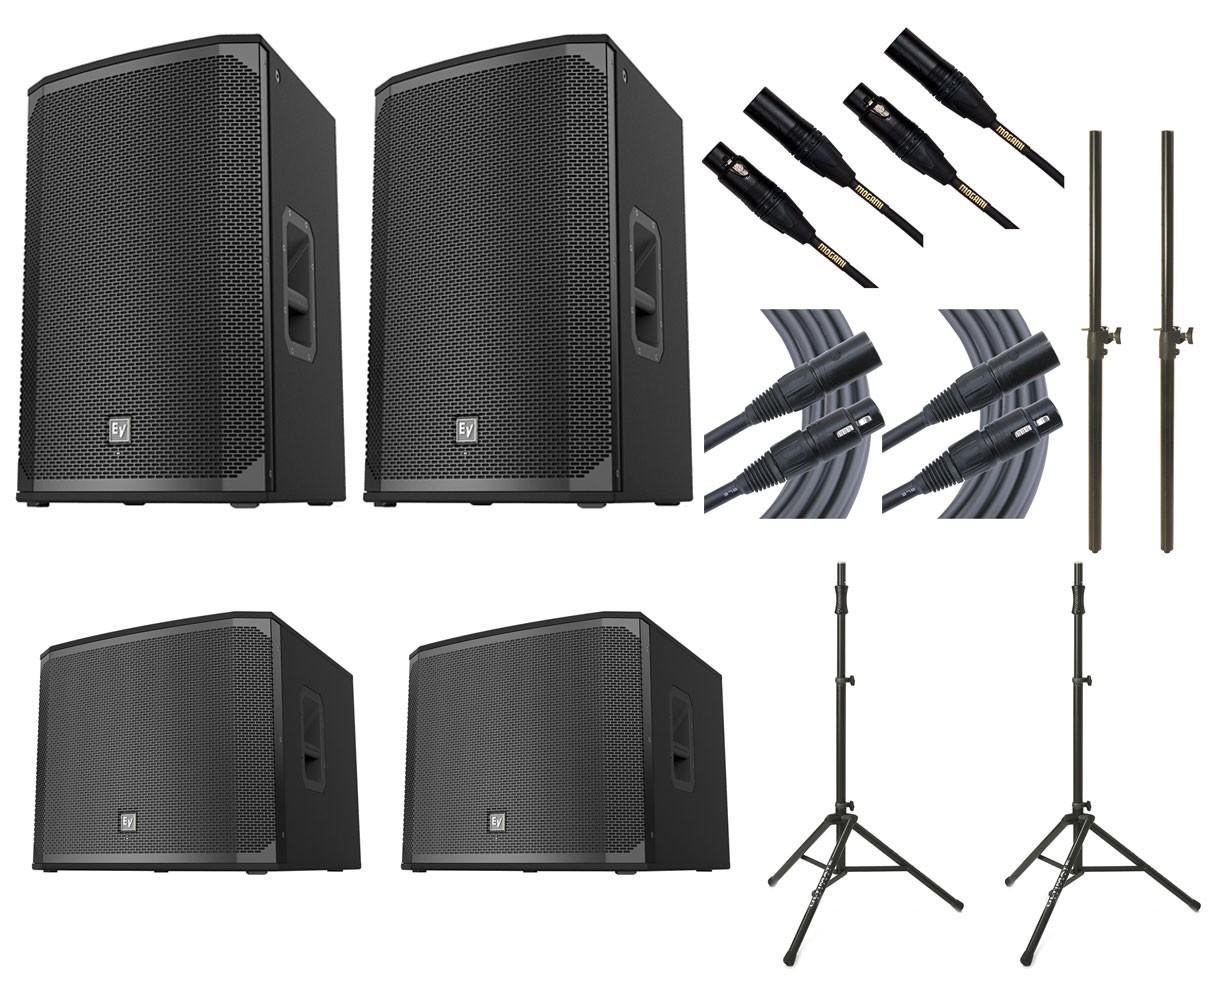 2x Electro-Voice EKX-15P + 2x EV EXK-18SP + 2x Ultimate TS-100B + Mogami Cables + Poles